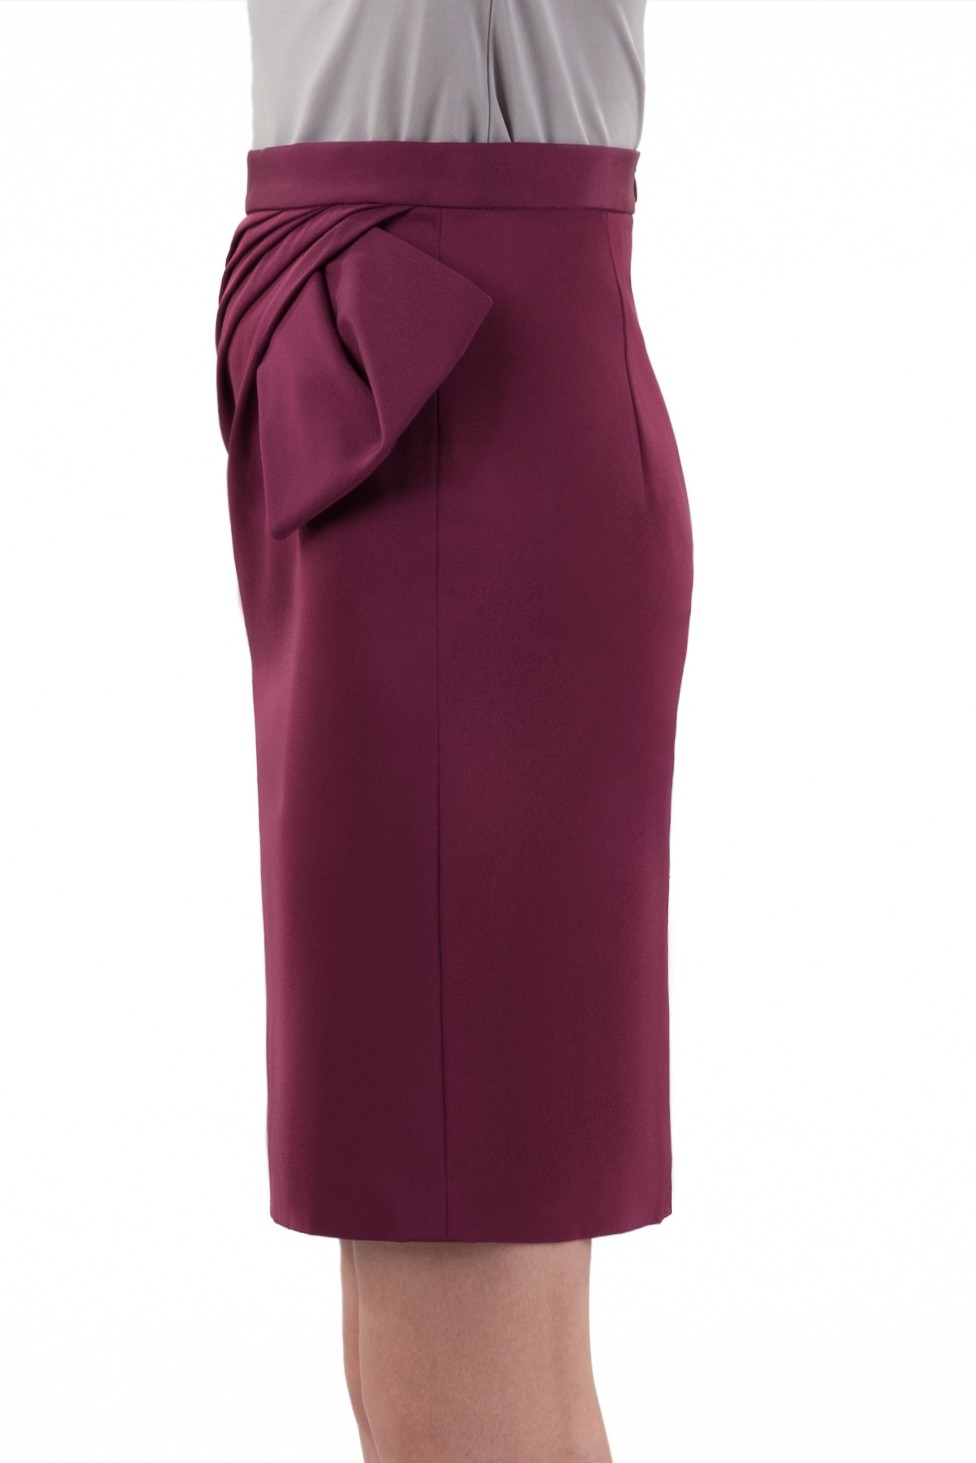 立裁褶裥短裙